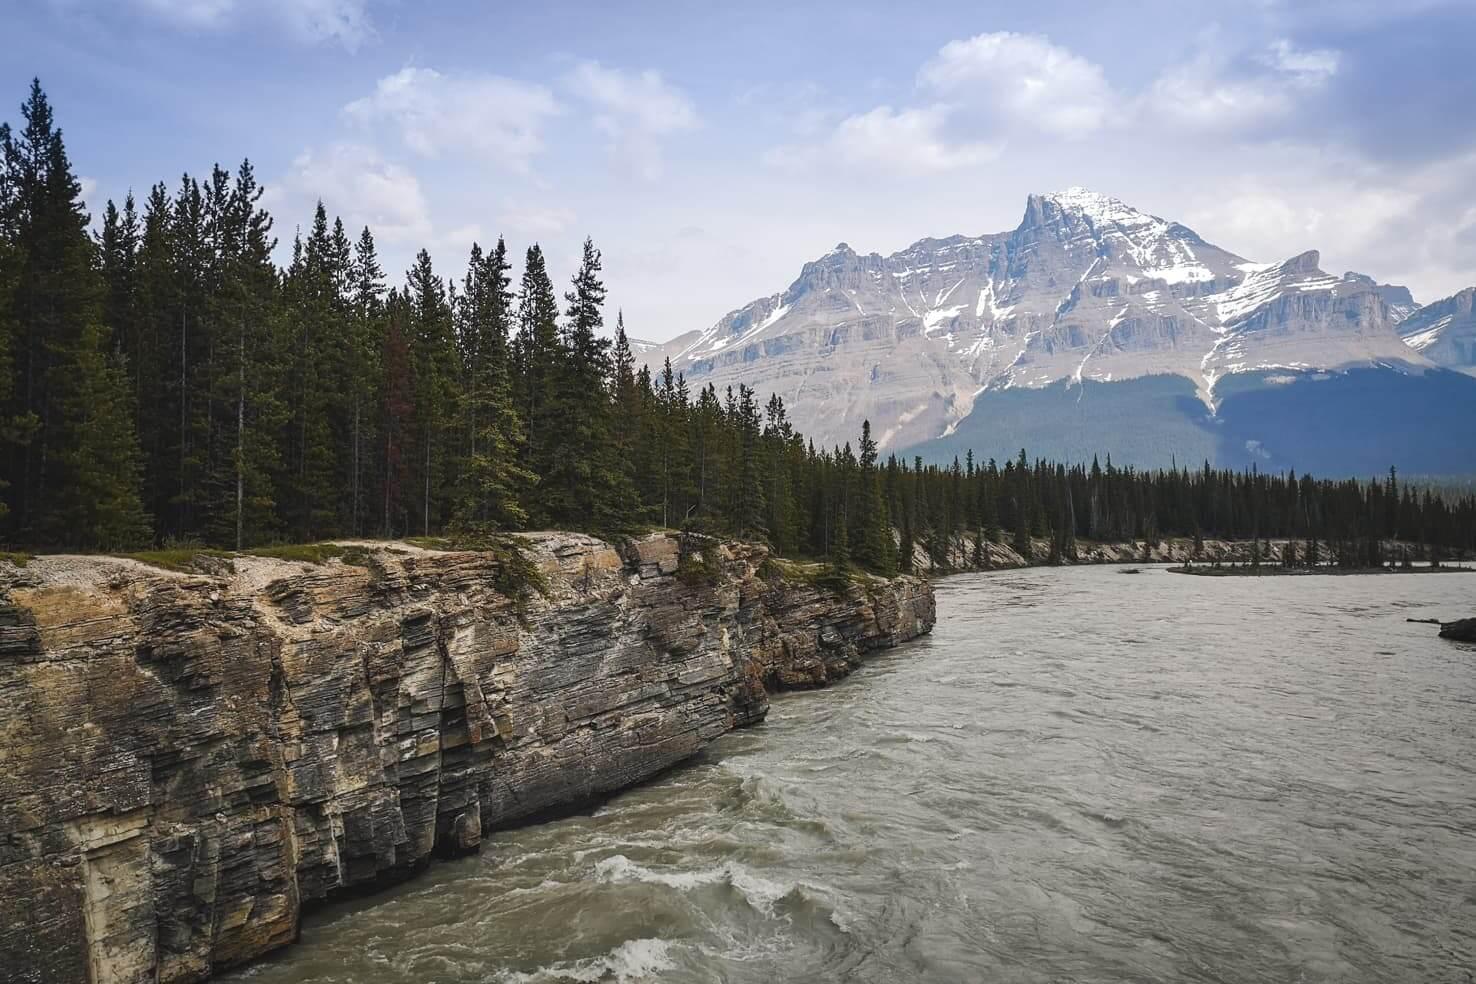 Glacier Lake, Banff National Park